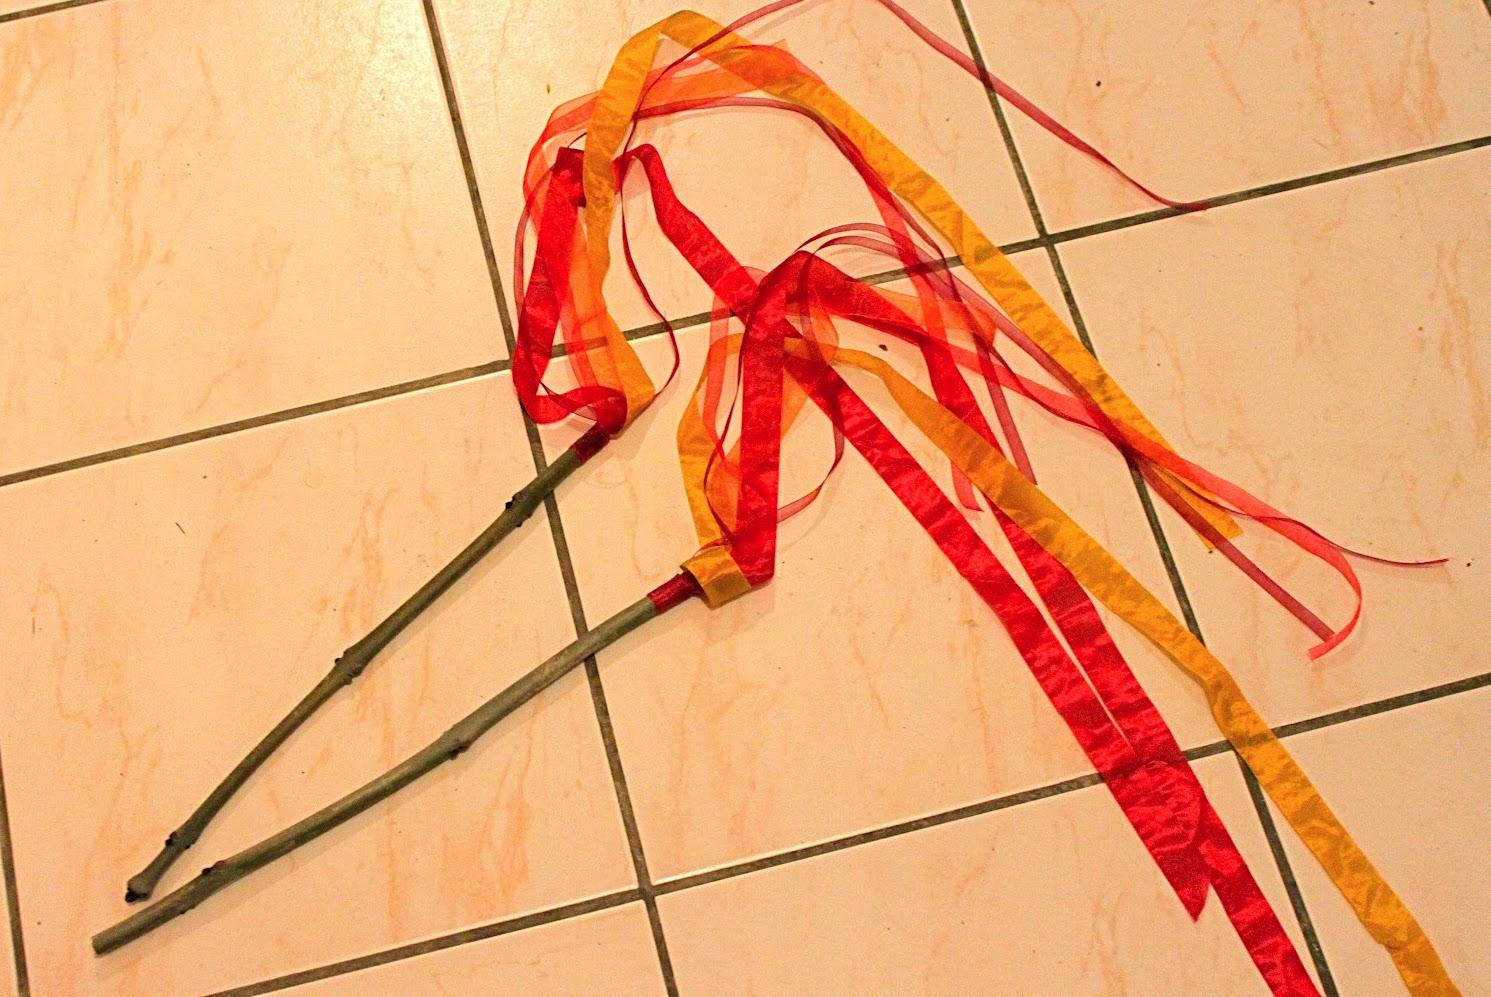 Pentecost Fire Sticks